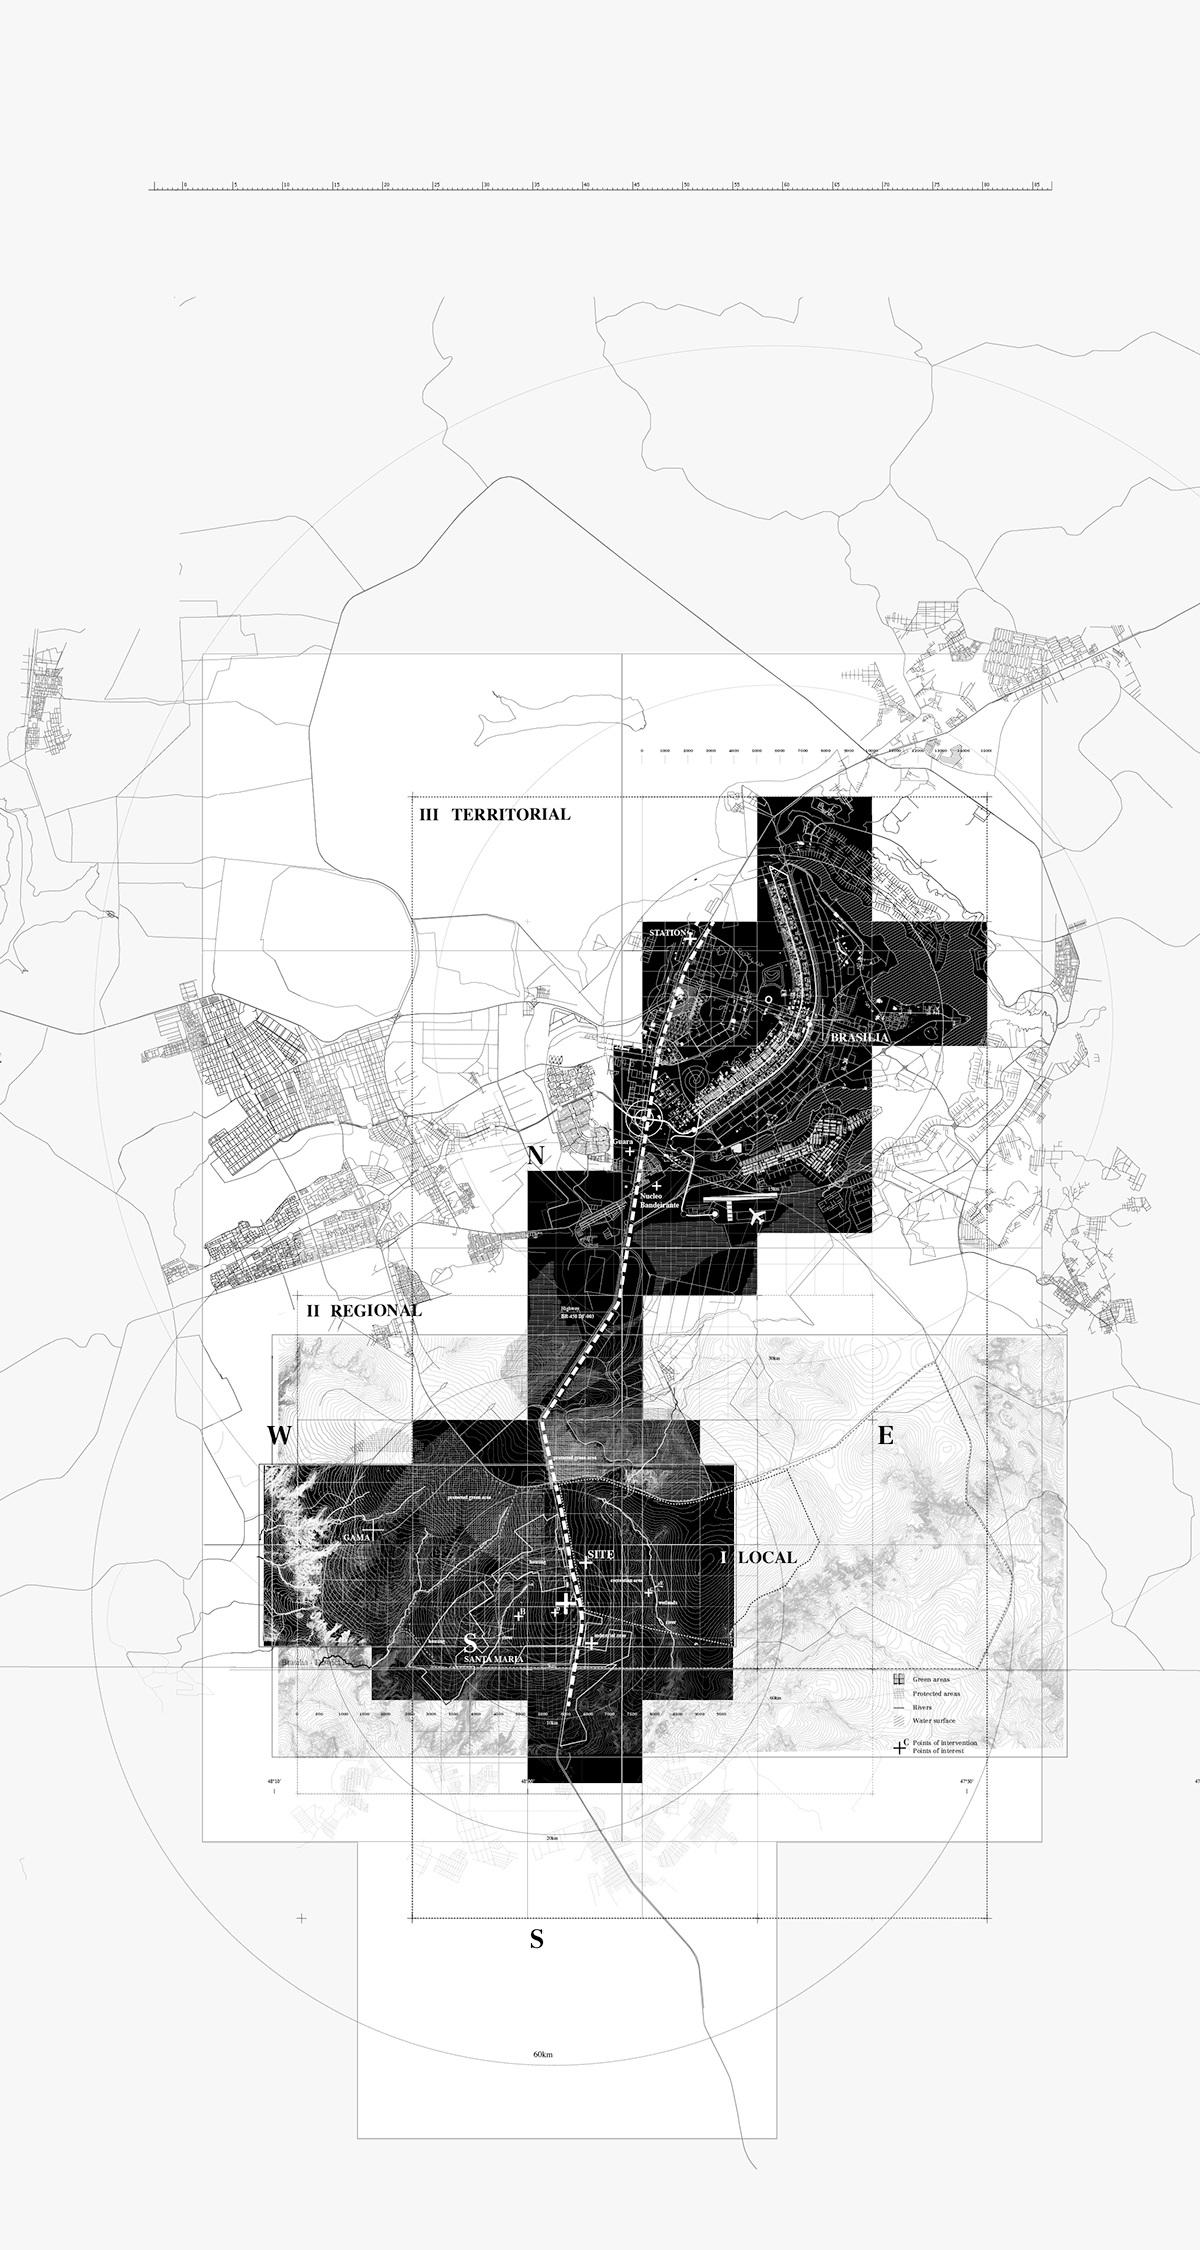 Urban Satellite Daxbock Amp Papathanasiou